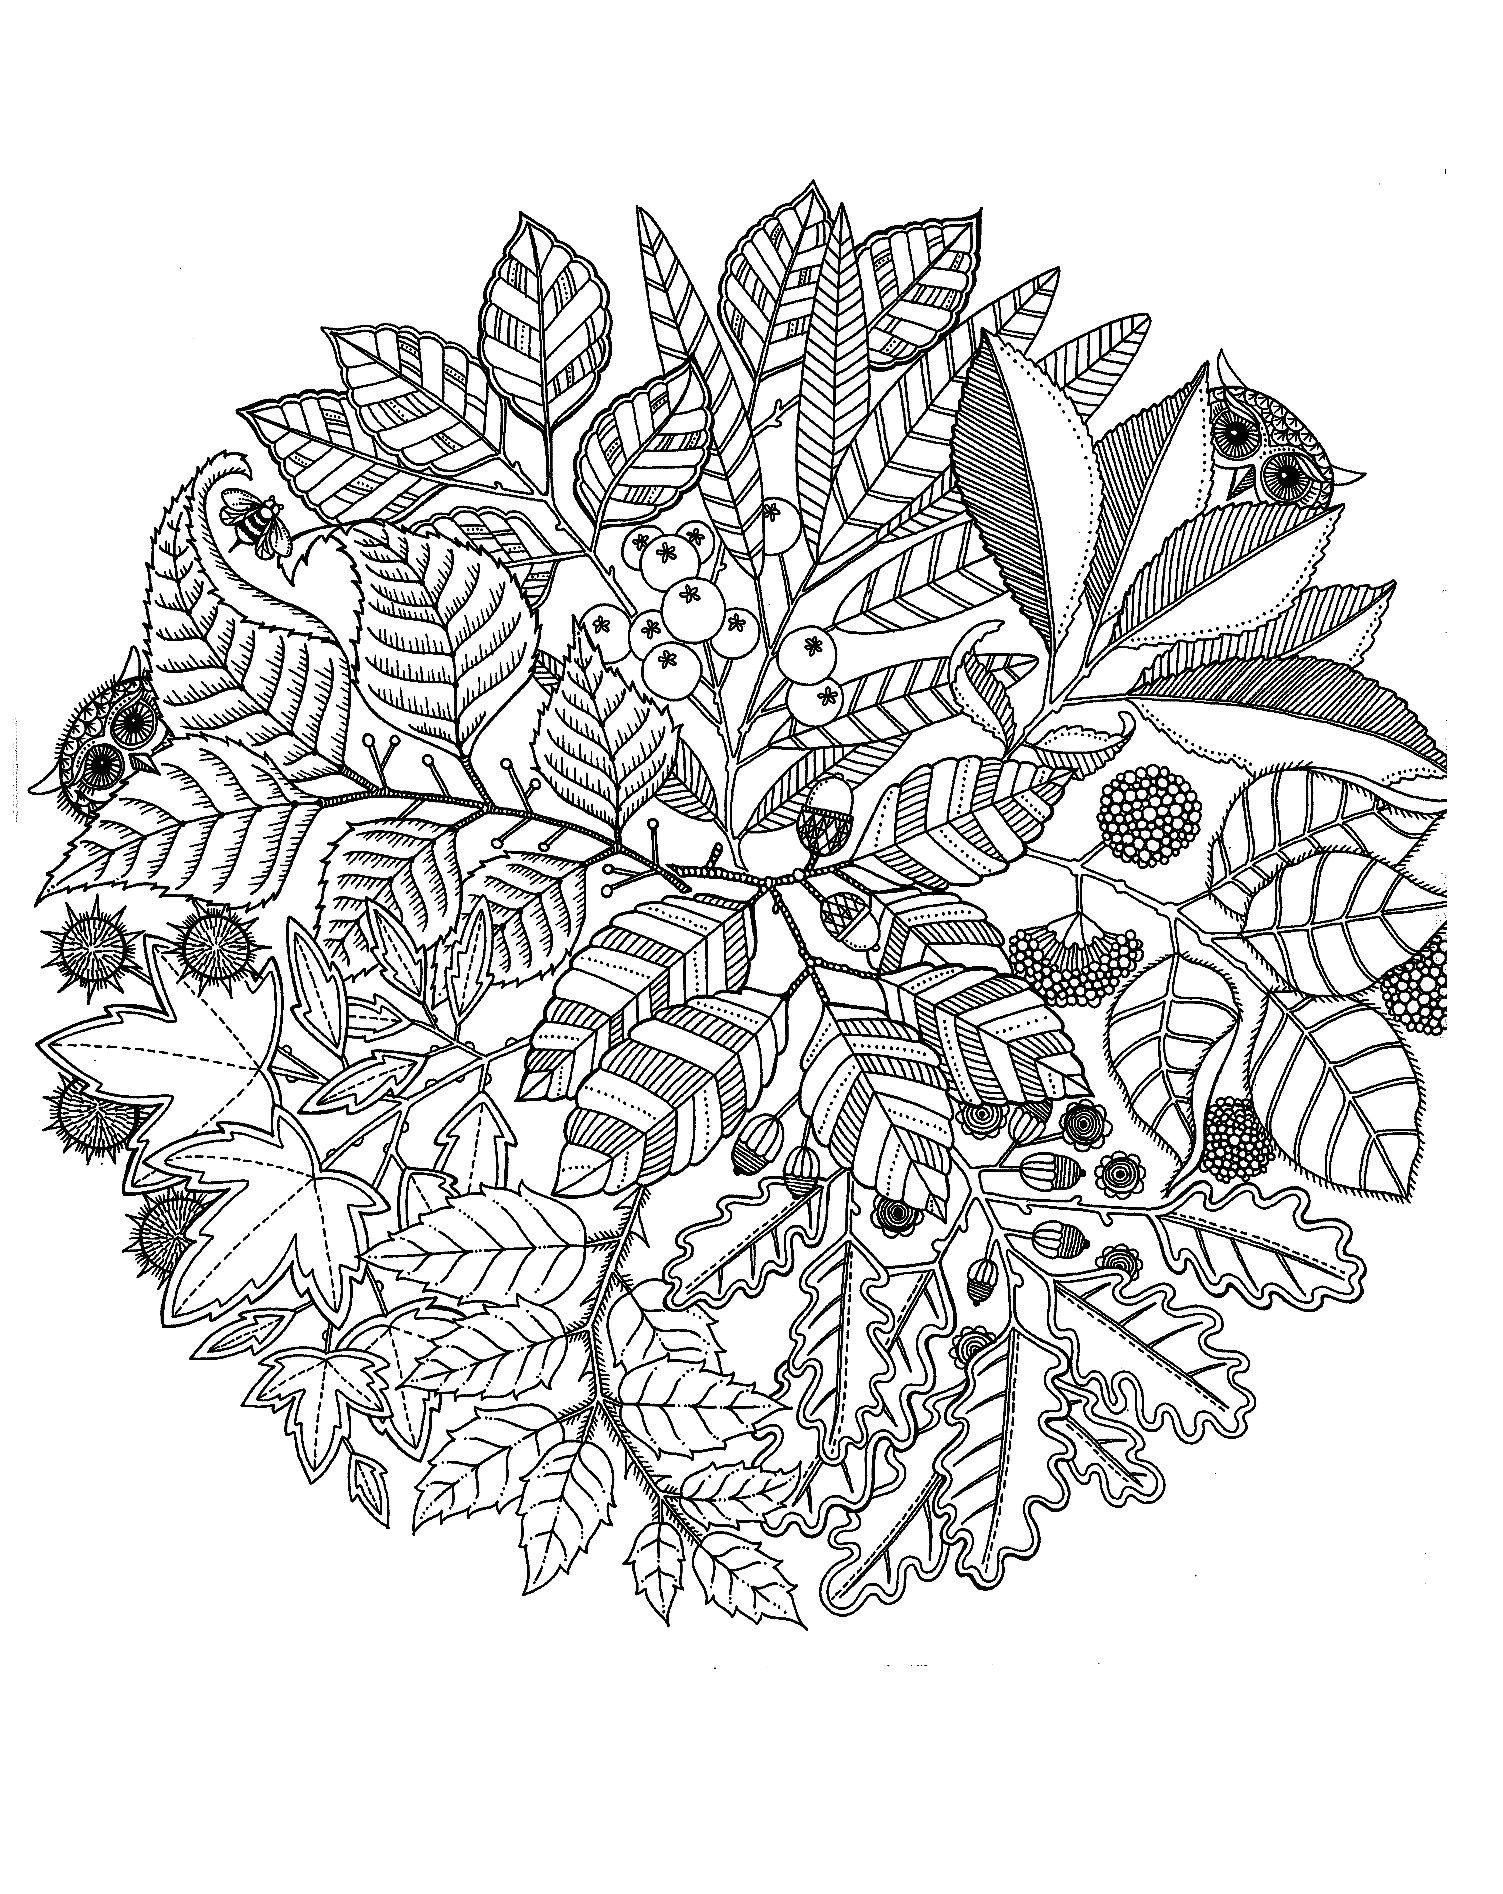 Pour imprimer ce coloriage gratuit coloriage adulte fleurs vegatation mandala cliquez sur l - Madala a imprimer ...